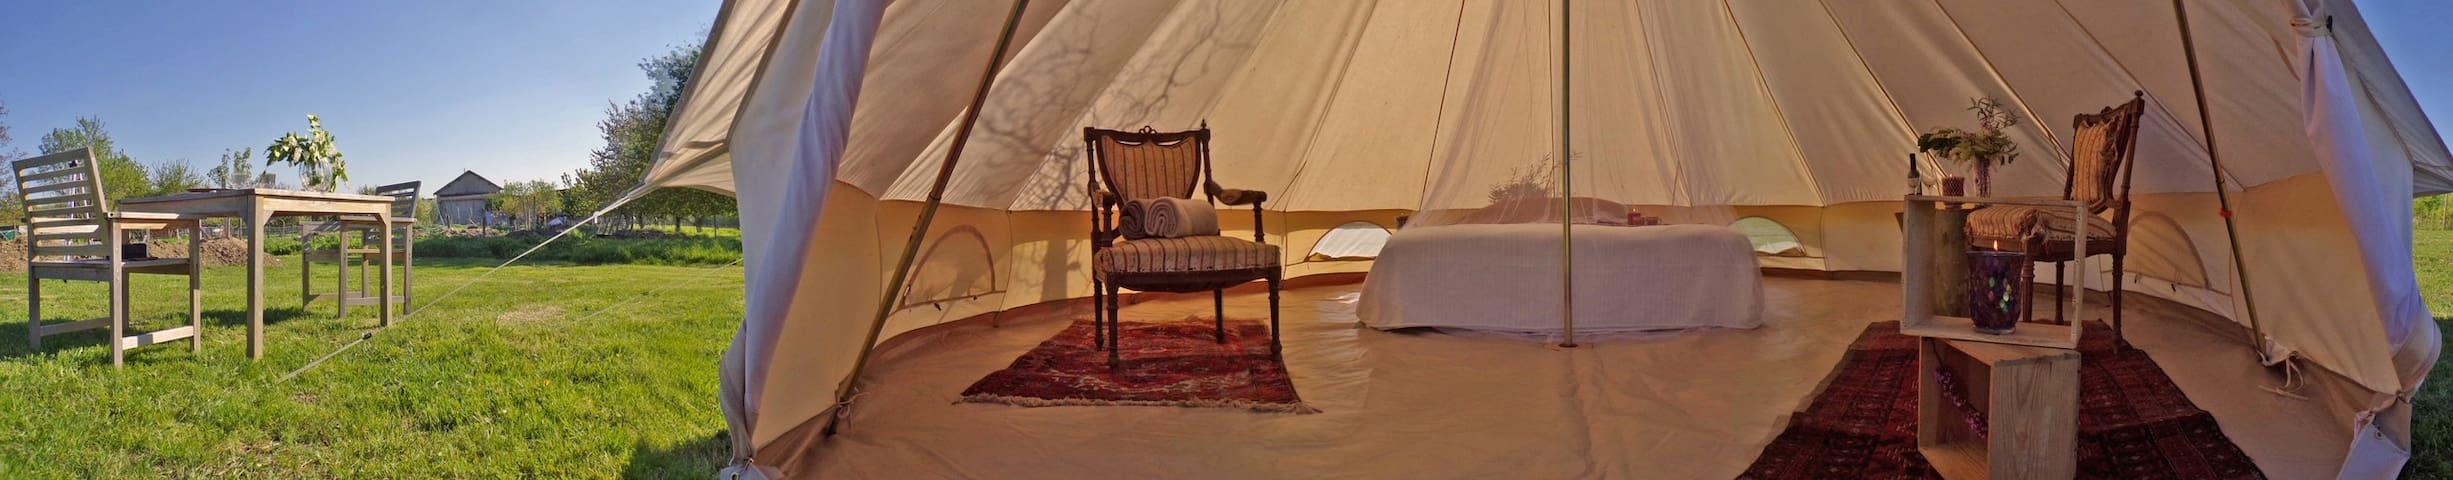 Tente-Tipi dans un camping écologique - Monestier - Tent